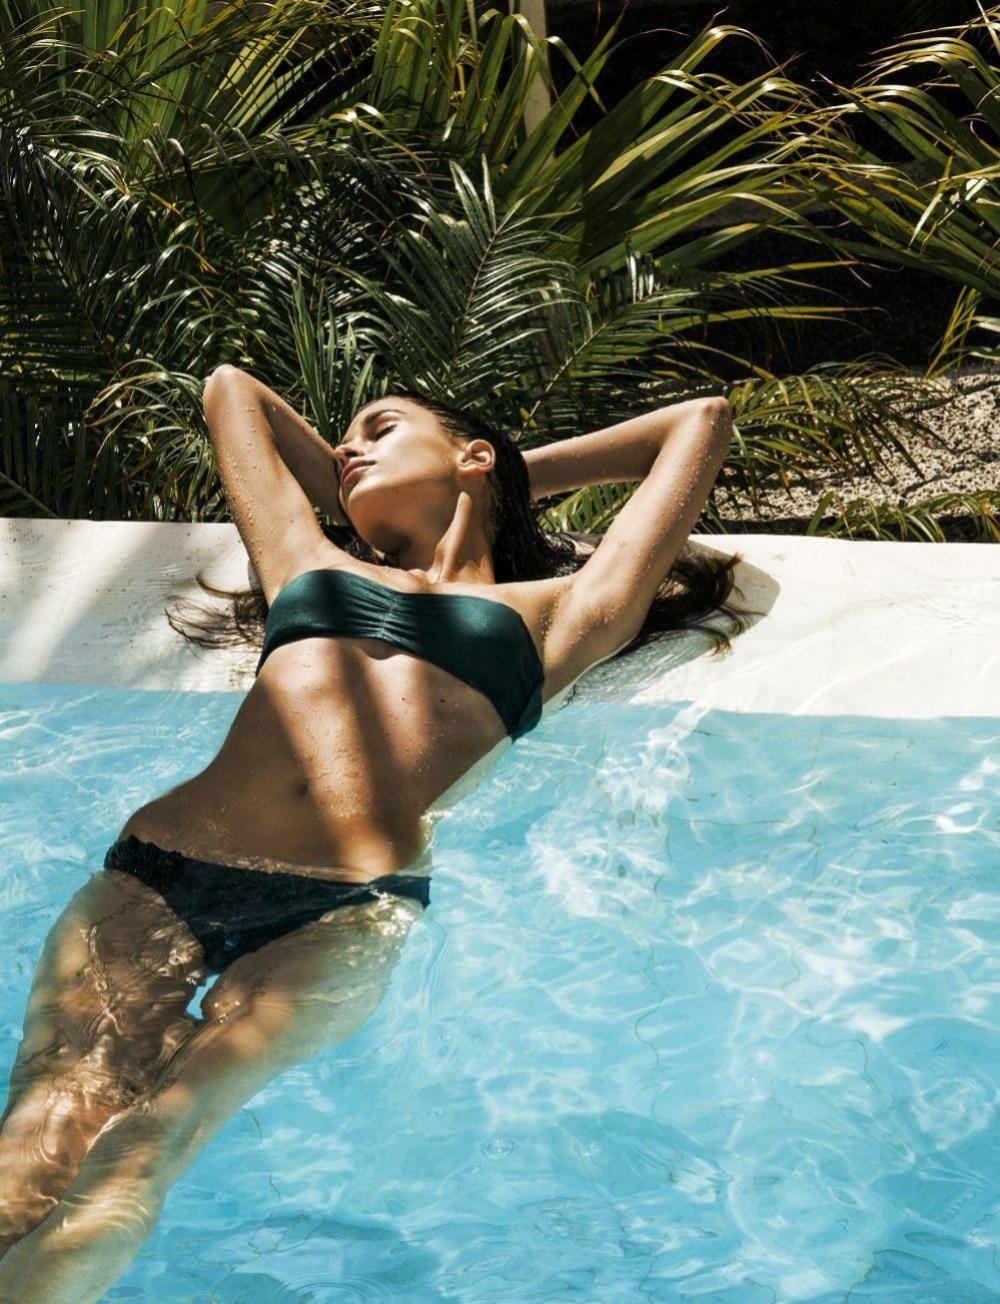 La resistencia del agua es perfecta para ejercitar los músculos sin impacto.